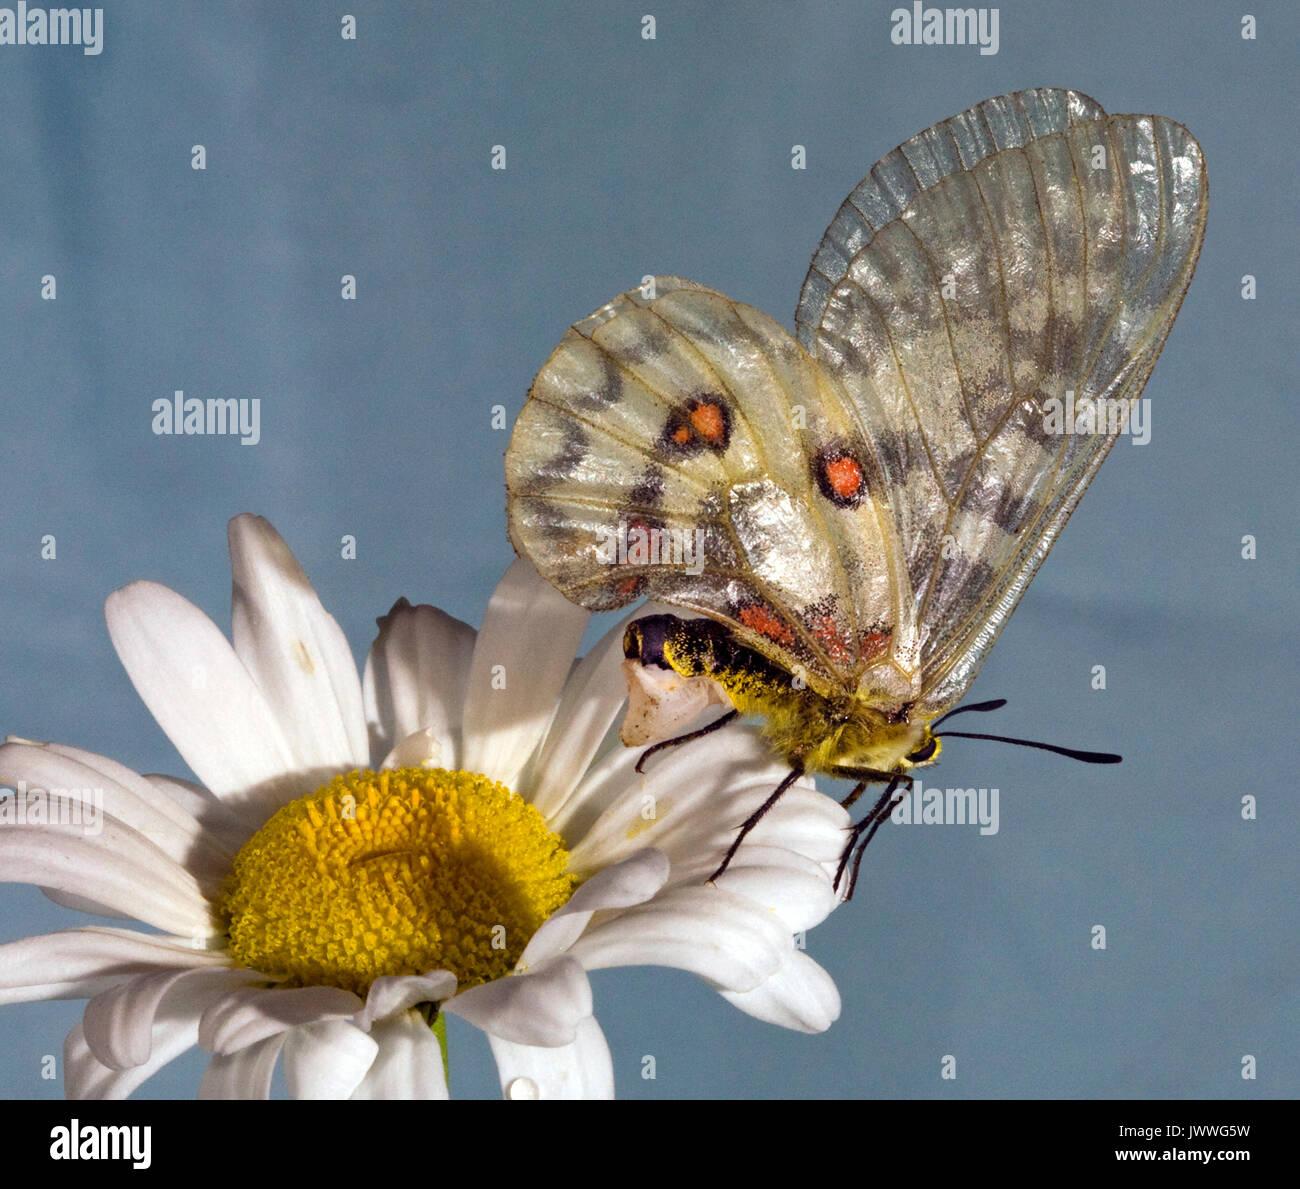 Une femelle papillon Parnassienne Clodius reposant sur une marguerite blanche. La structure blanchâtre sur son abdomen est un sphragis, une fiche mâle déposés sur son g Photo Stock